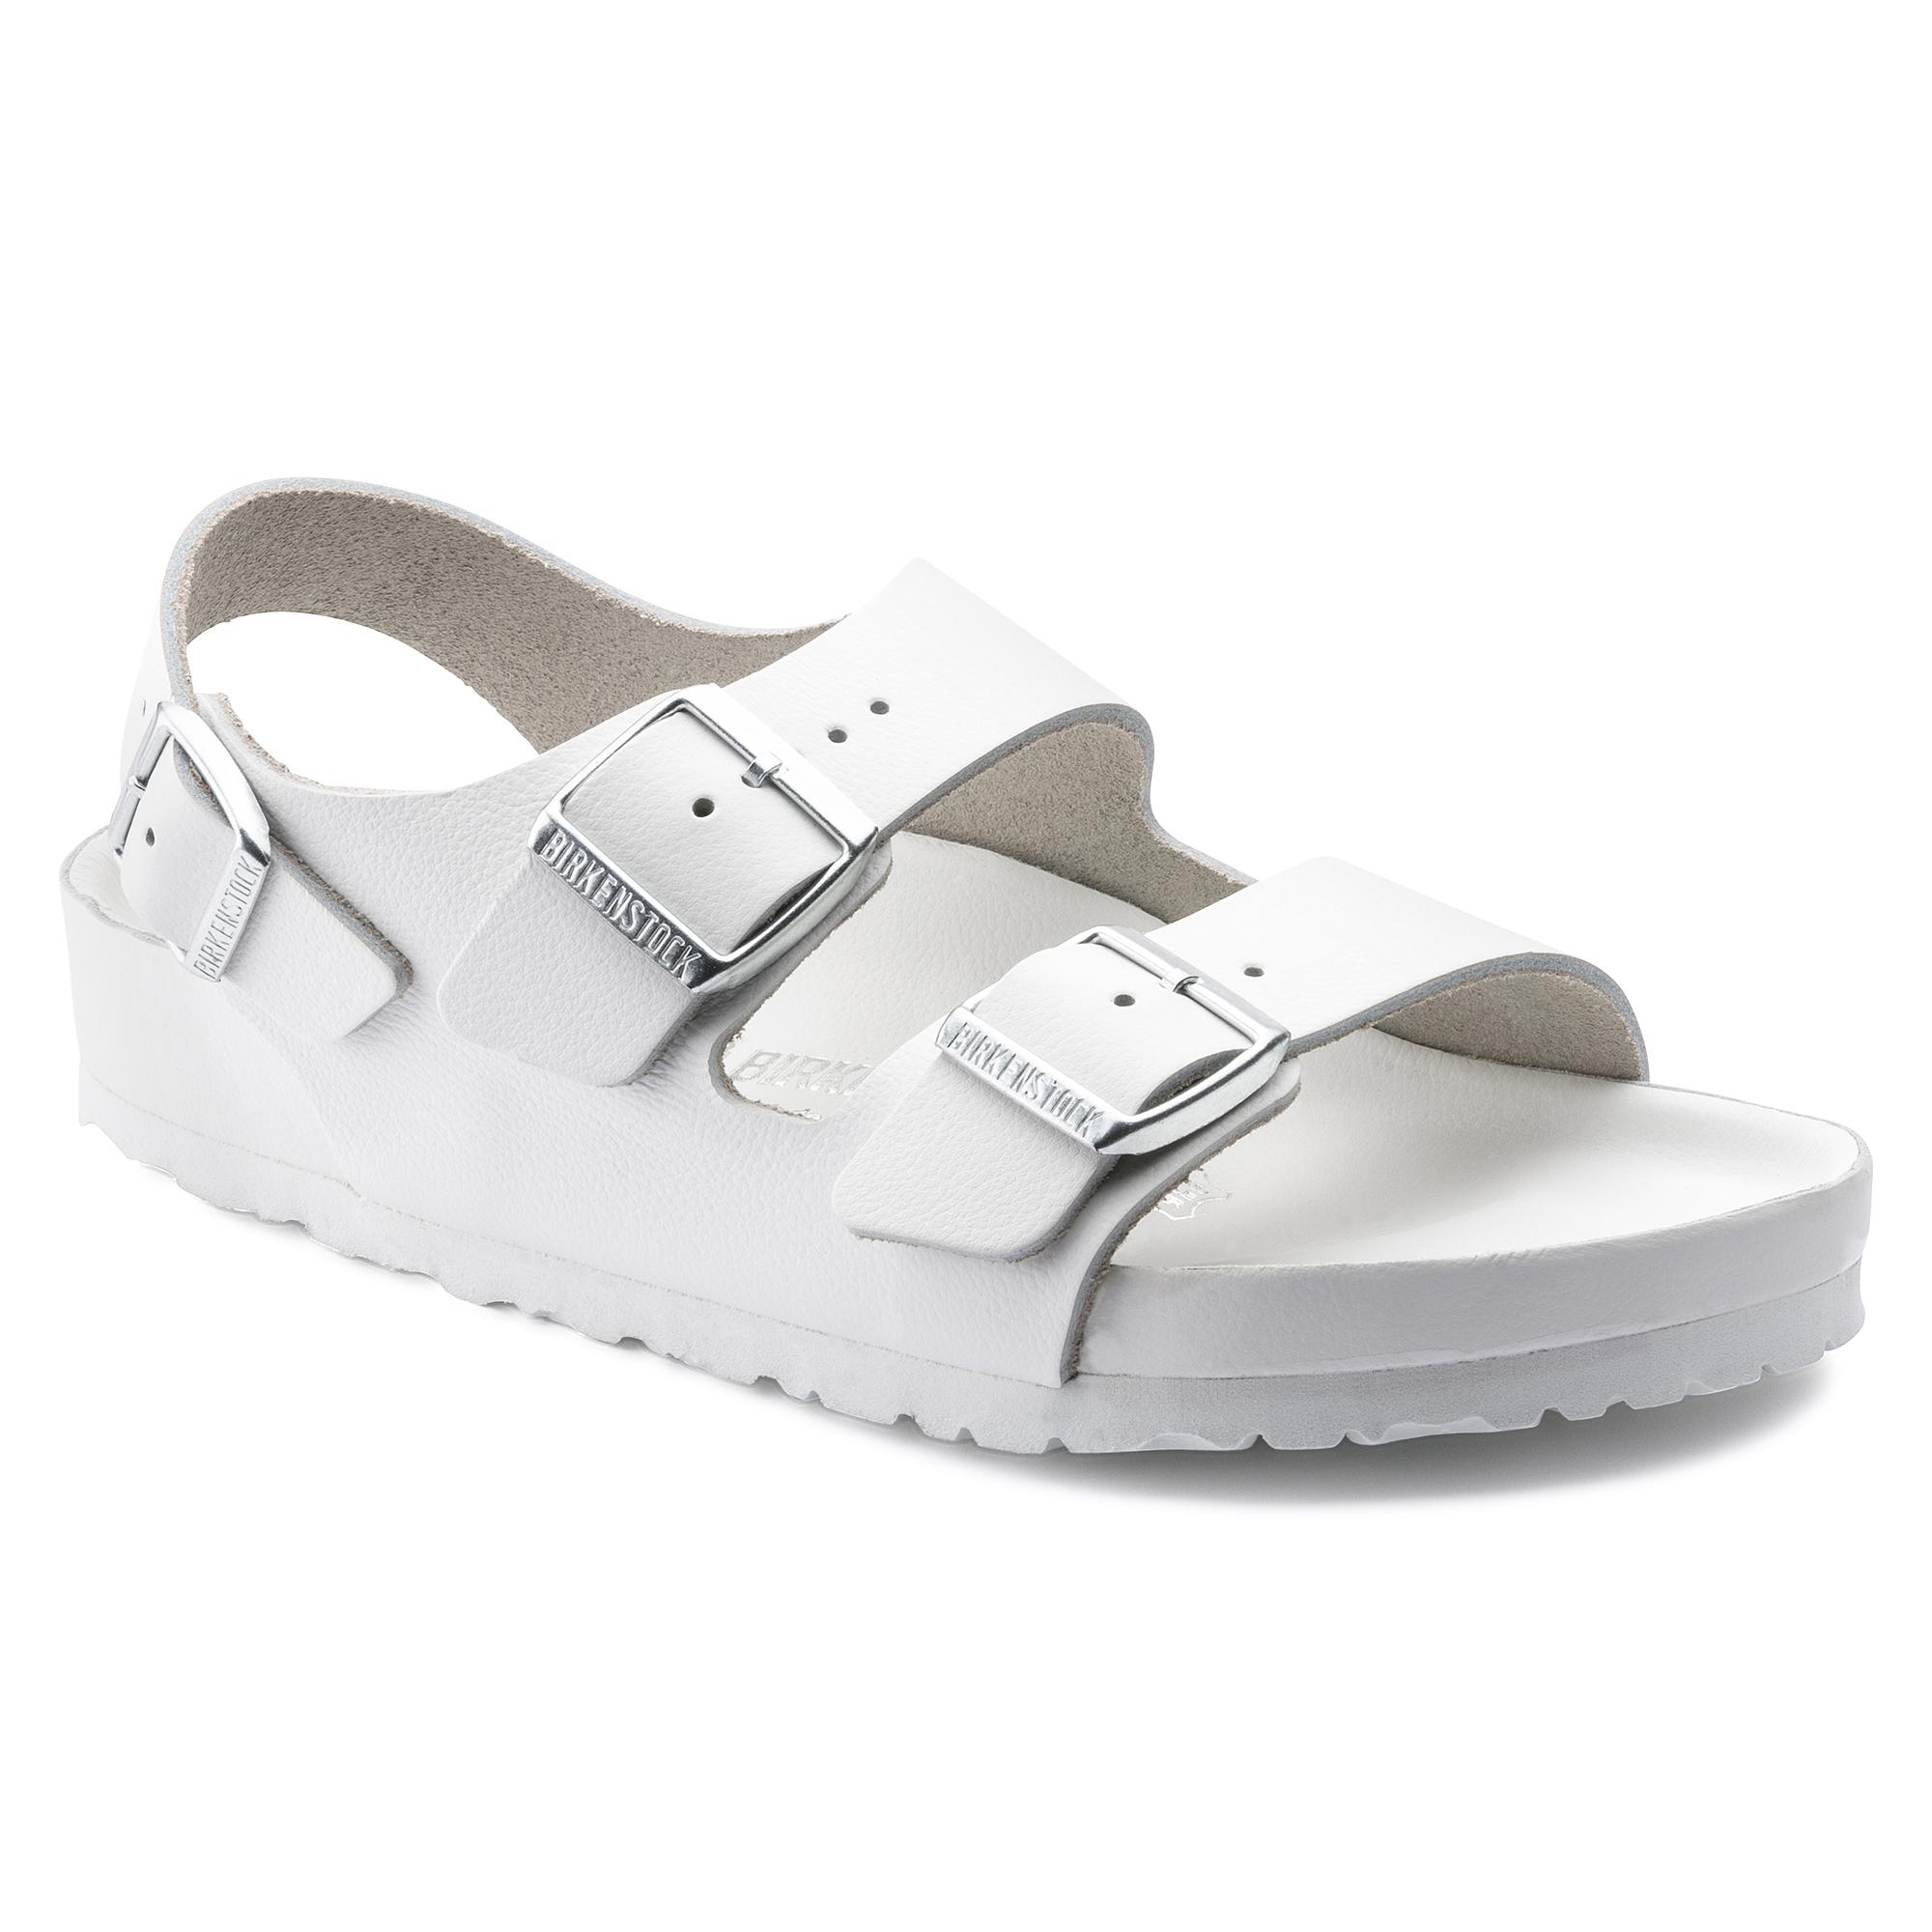 fde2c62685d Milano Natural Leather White | Kjøp på nettet hos BIRKENSTOCK